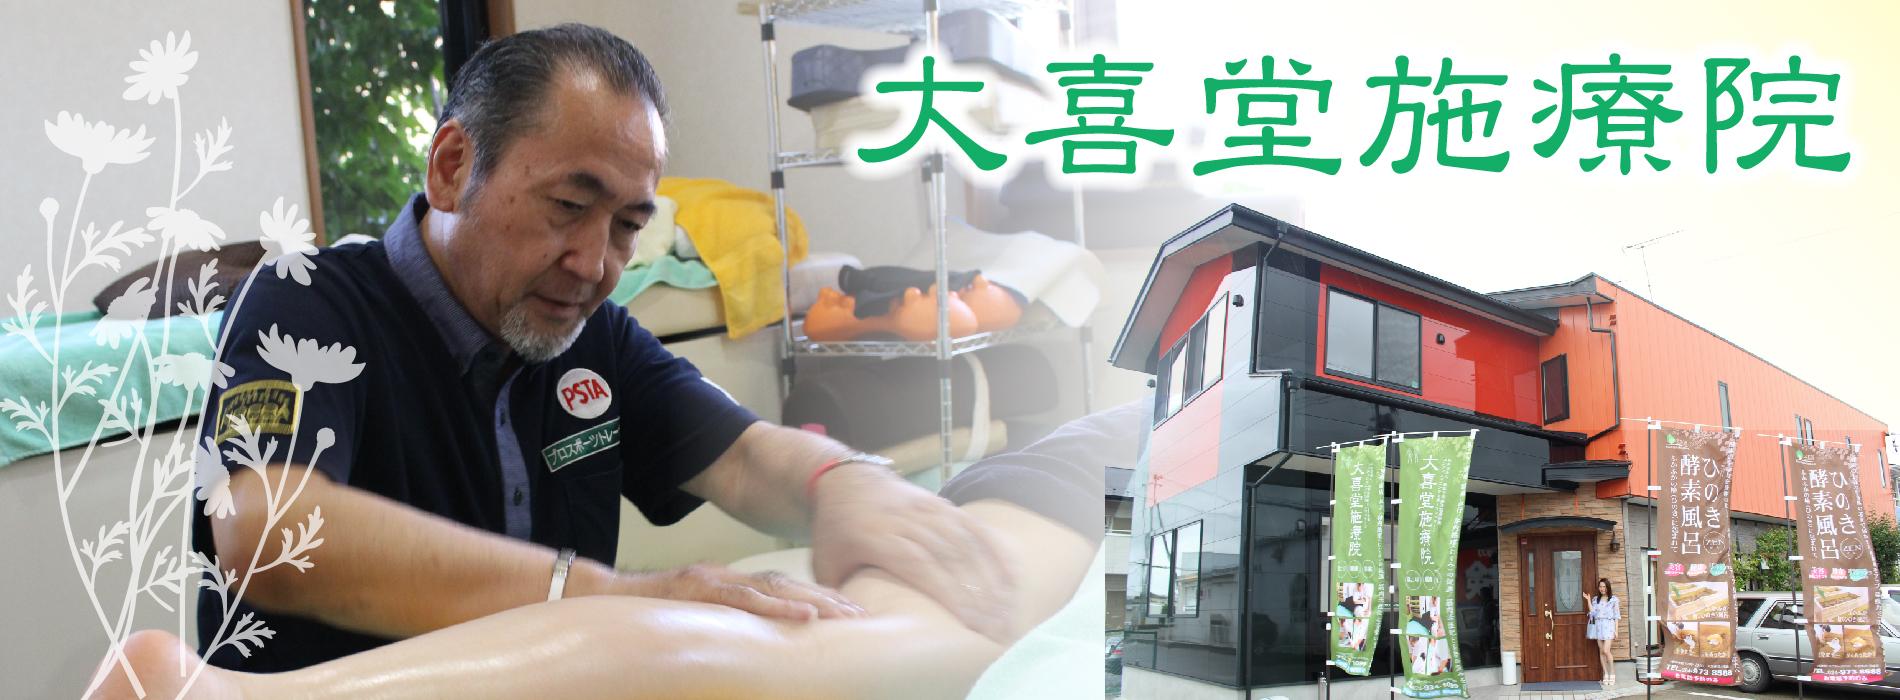 大喜堂施療院(たいきどうせりょういん)